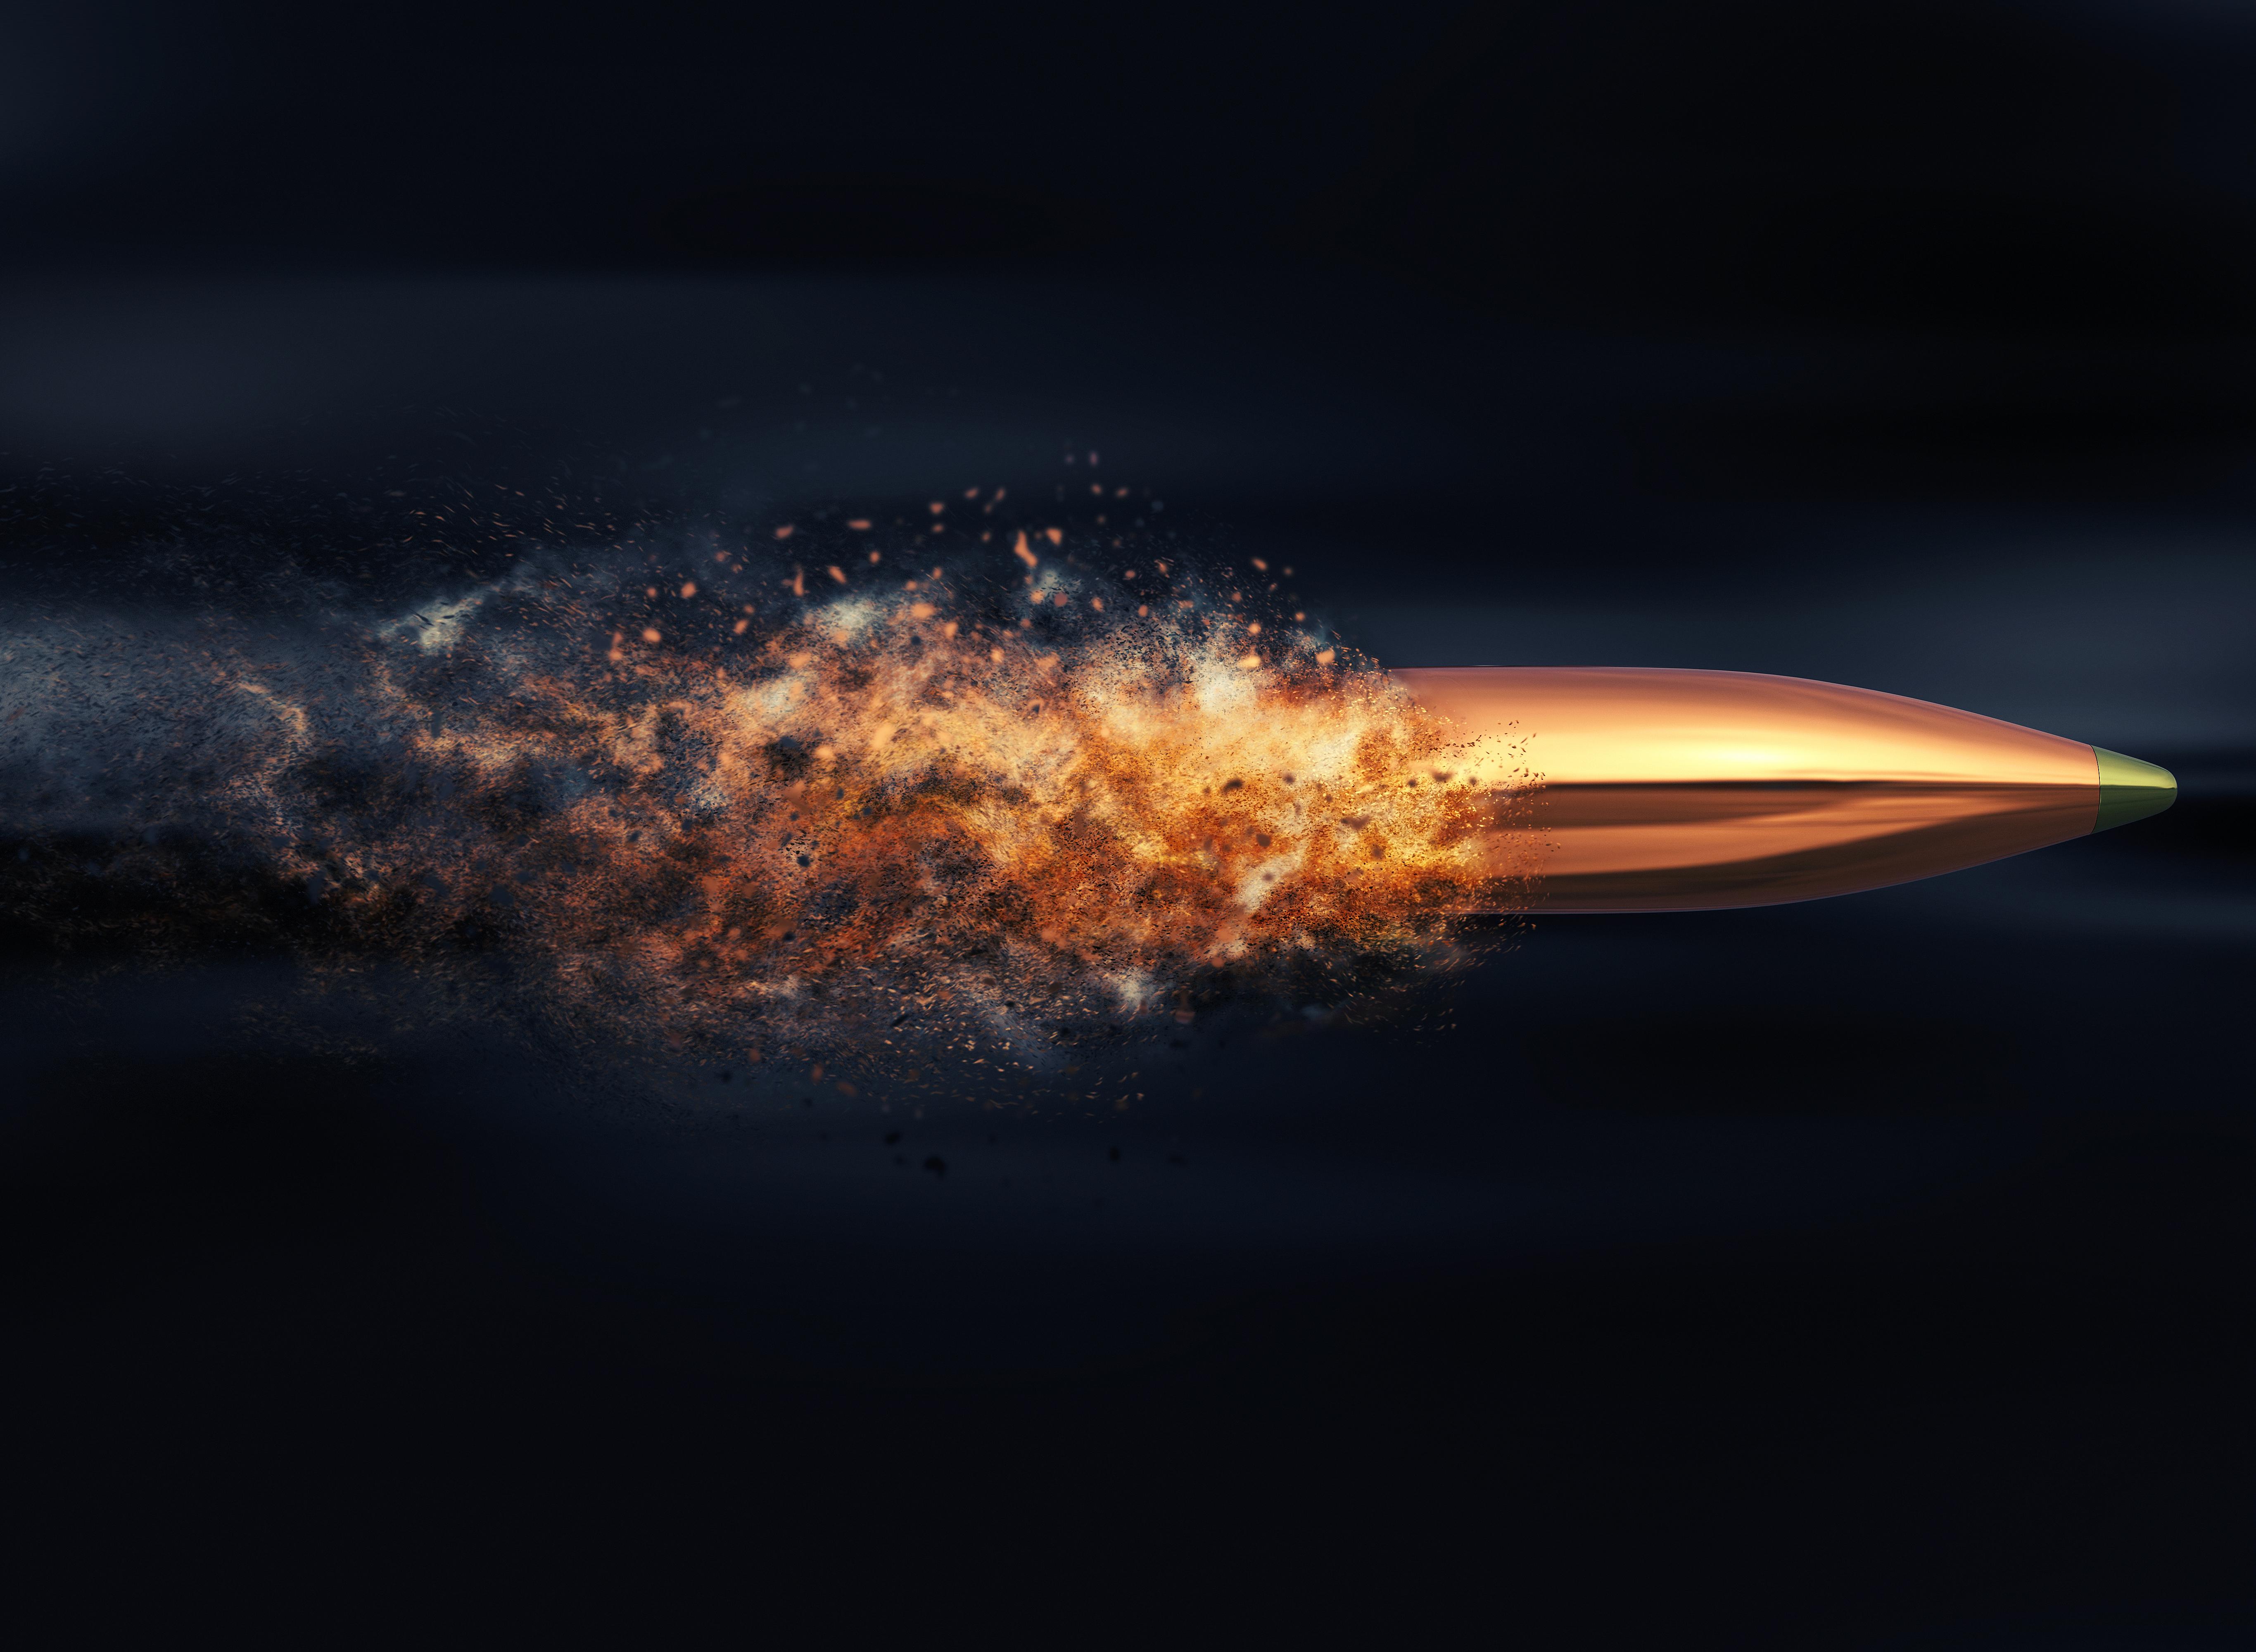 Bullet from gun